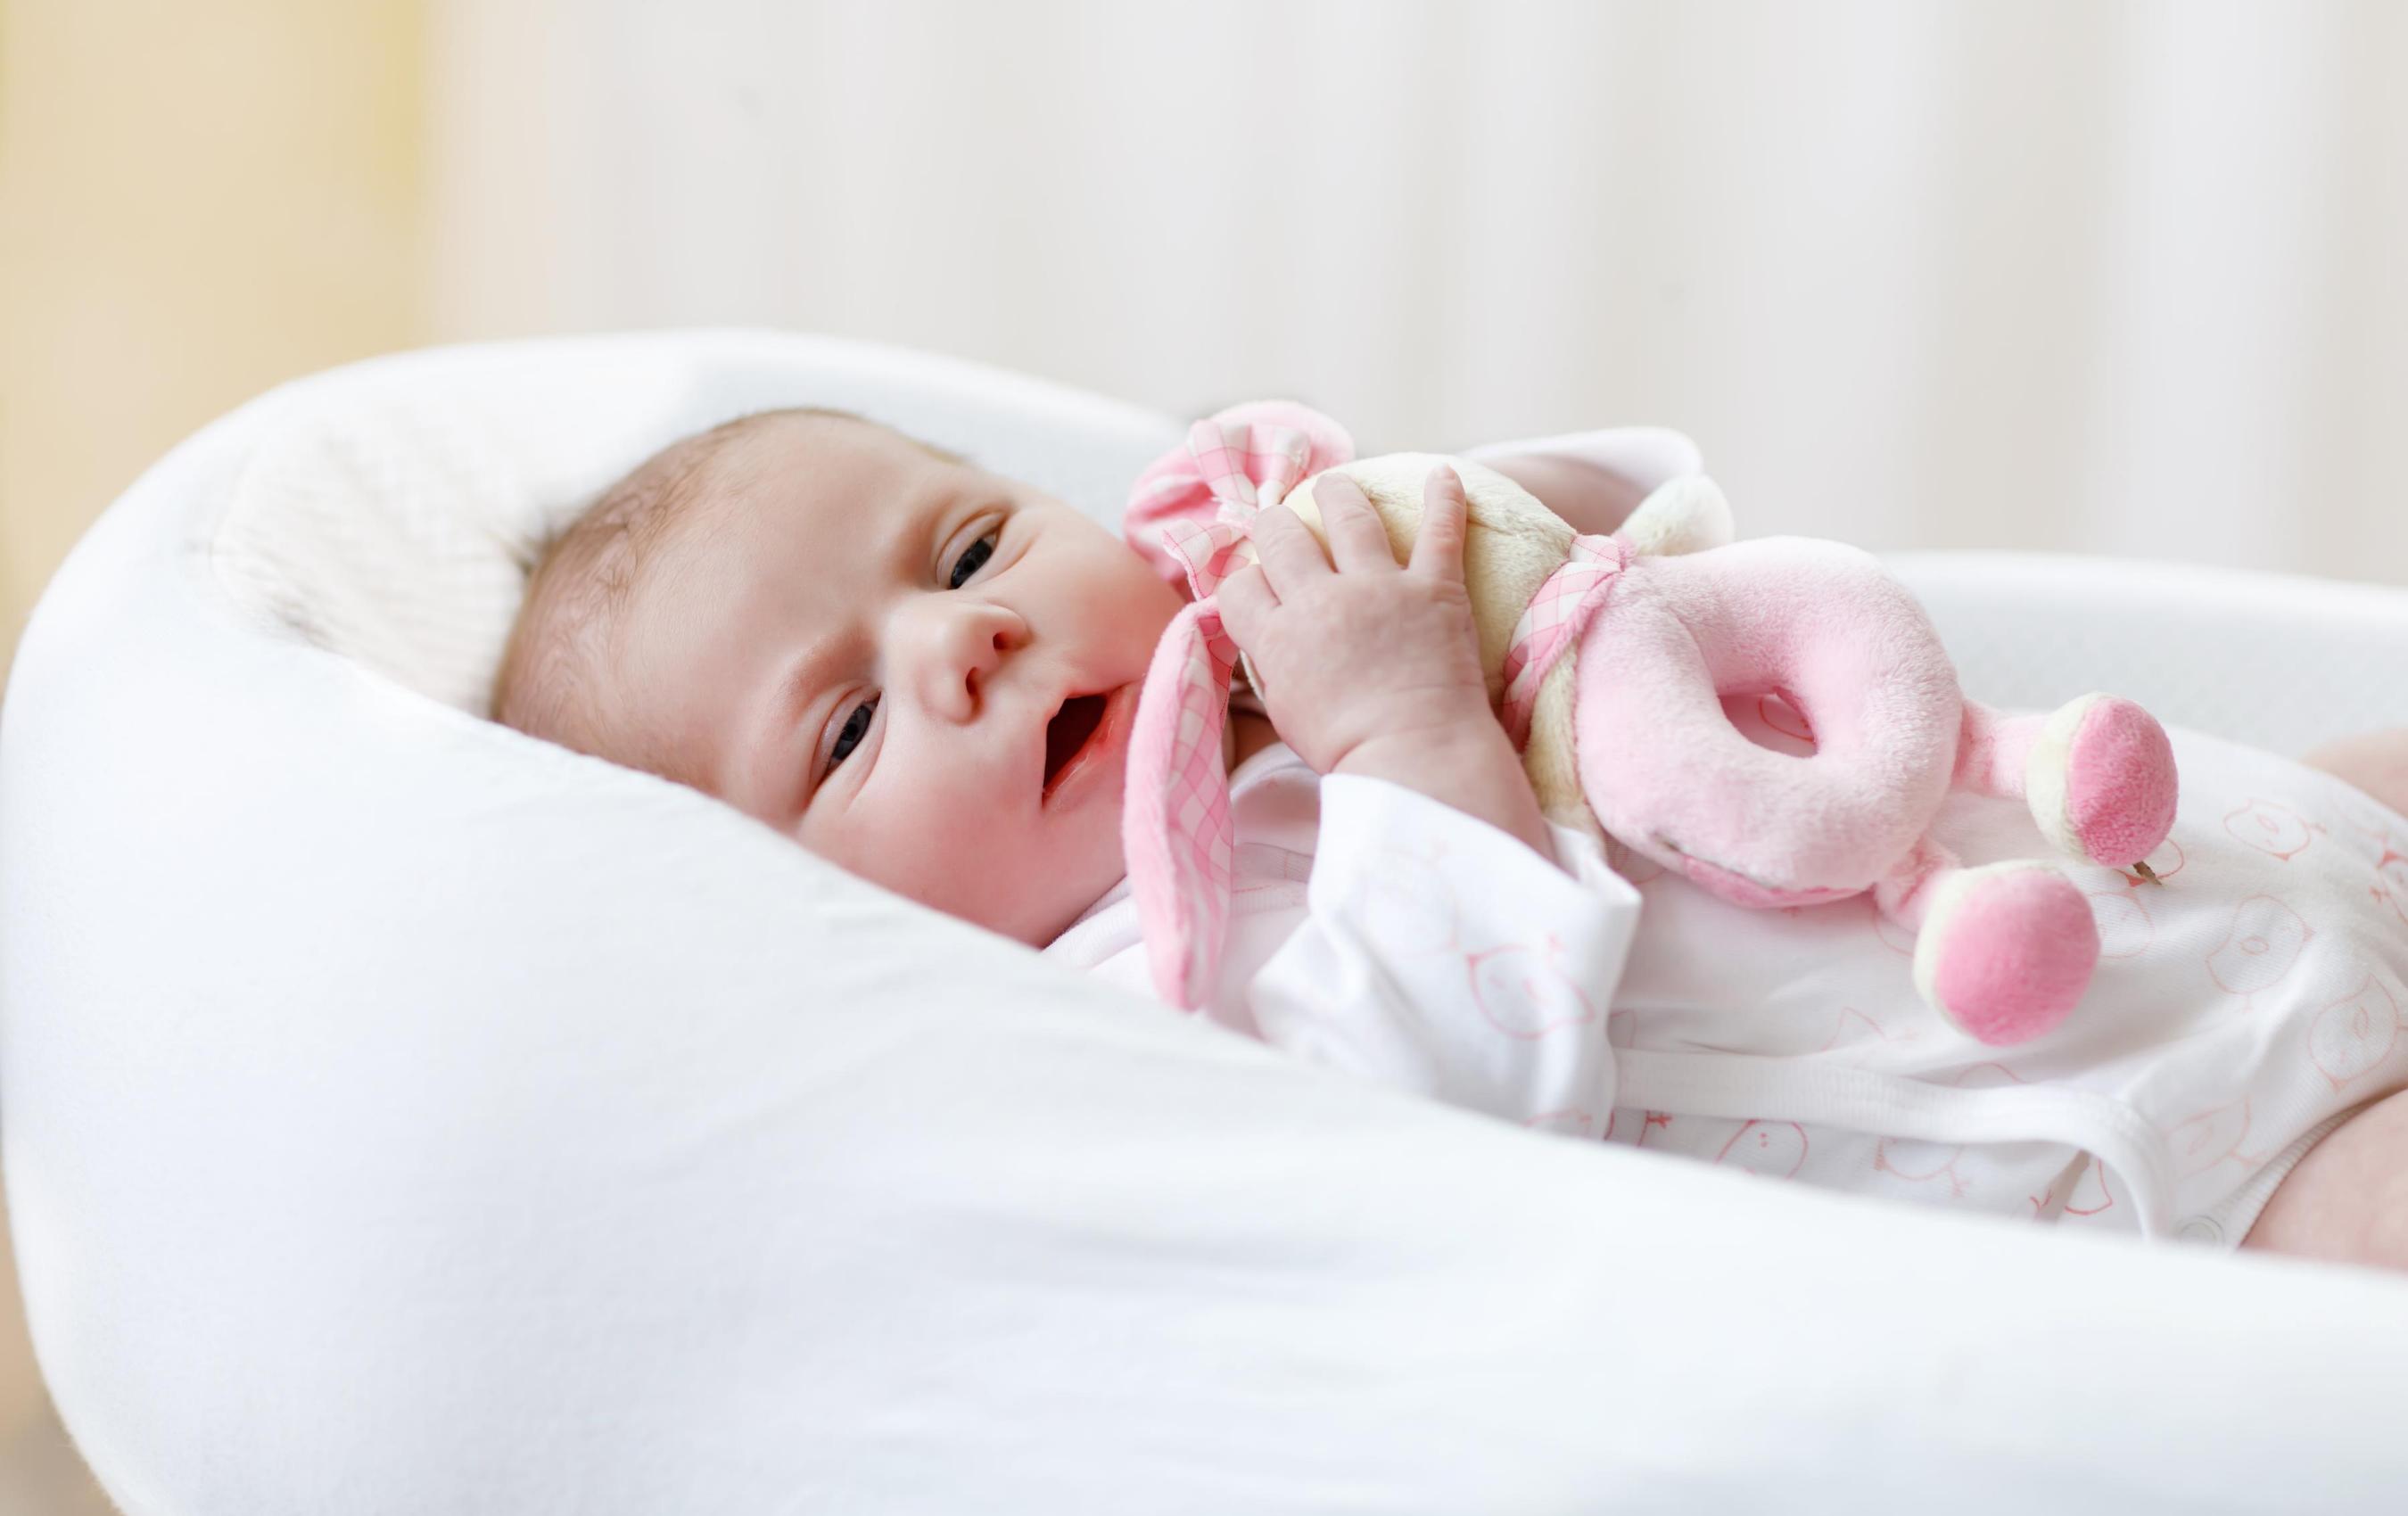 Choisir le bon doudou pour son bébé